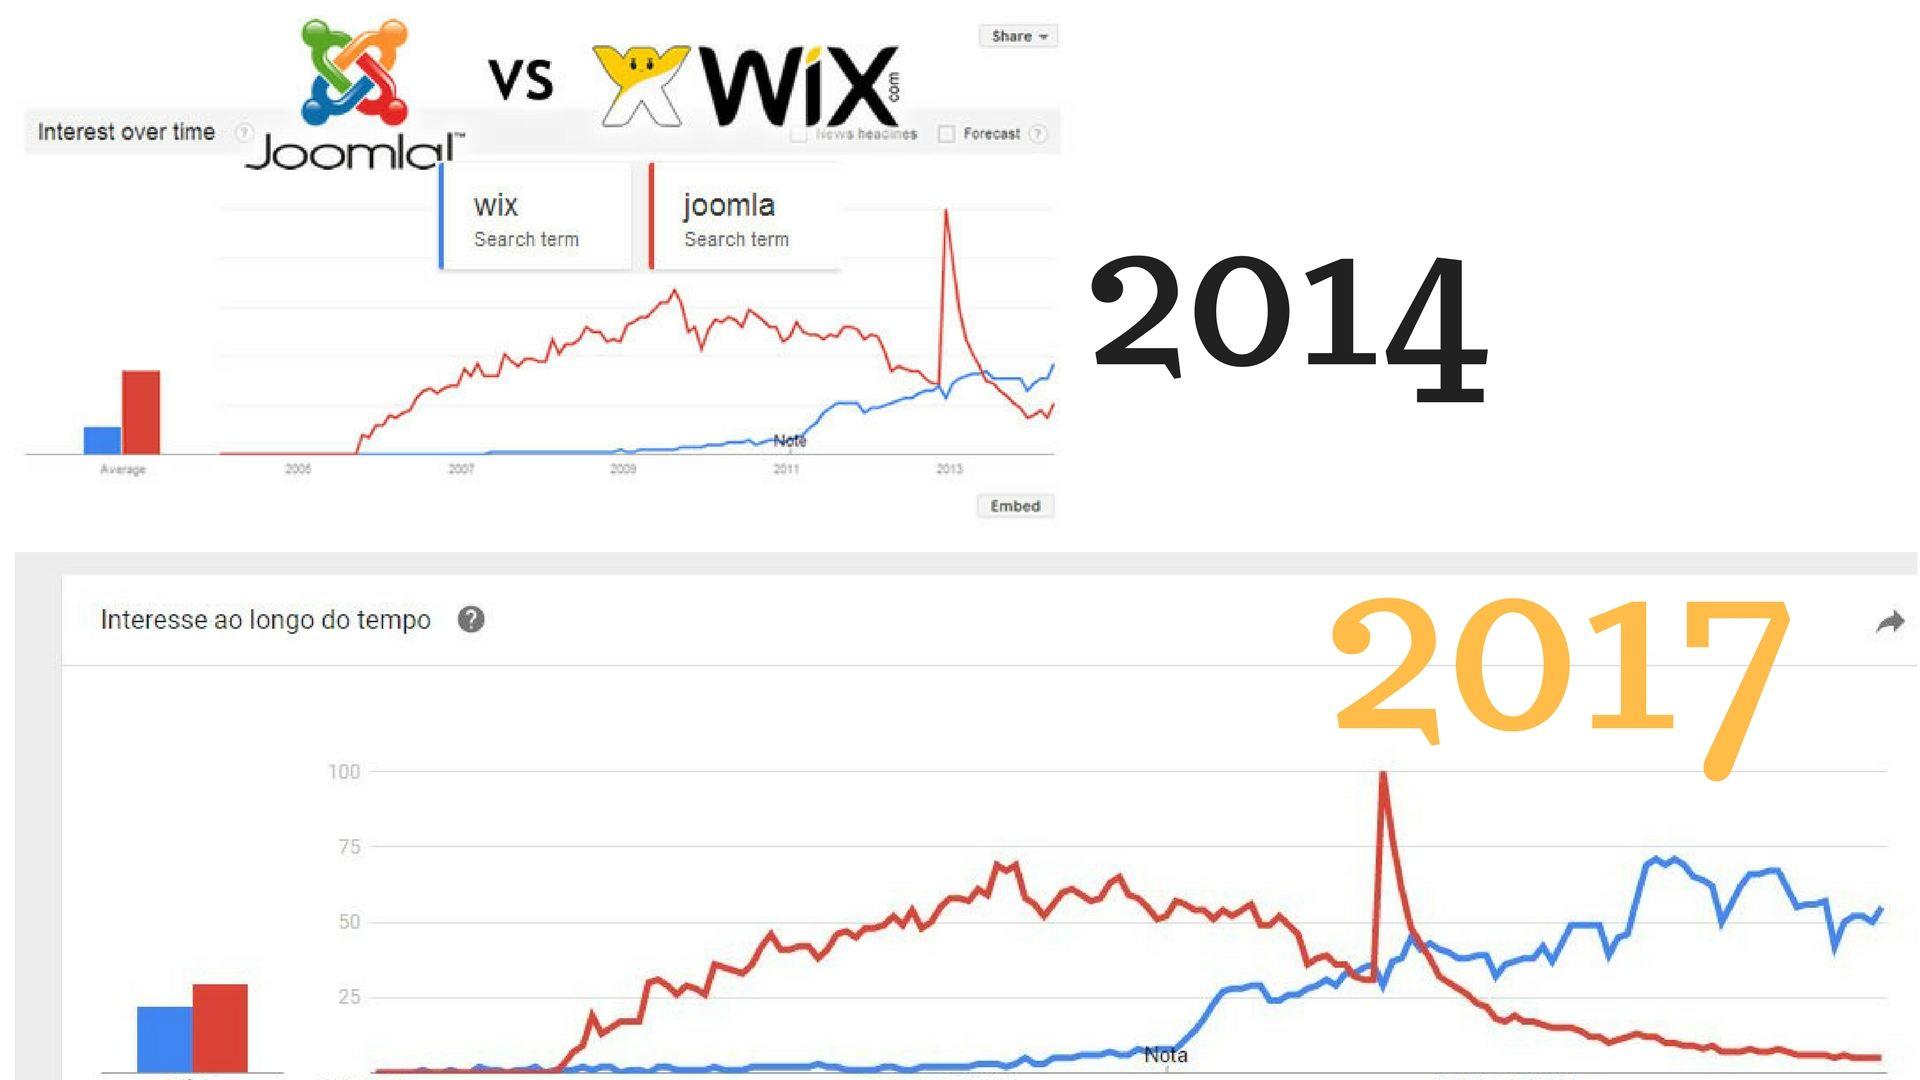 Google Trendes - Joomla vs Wix